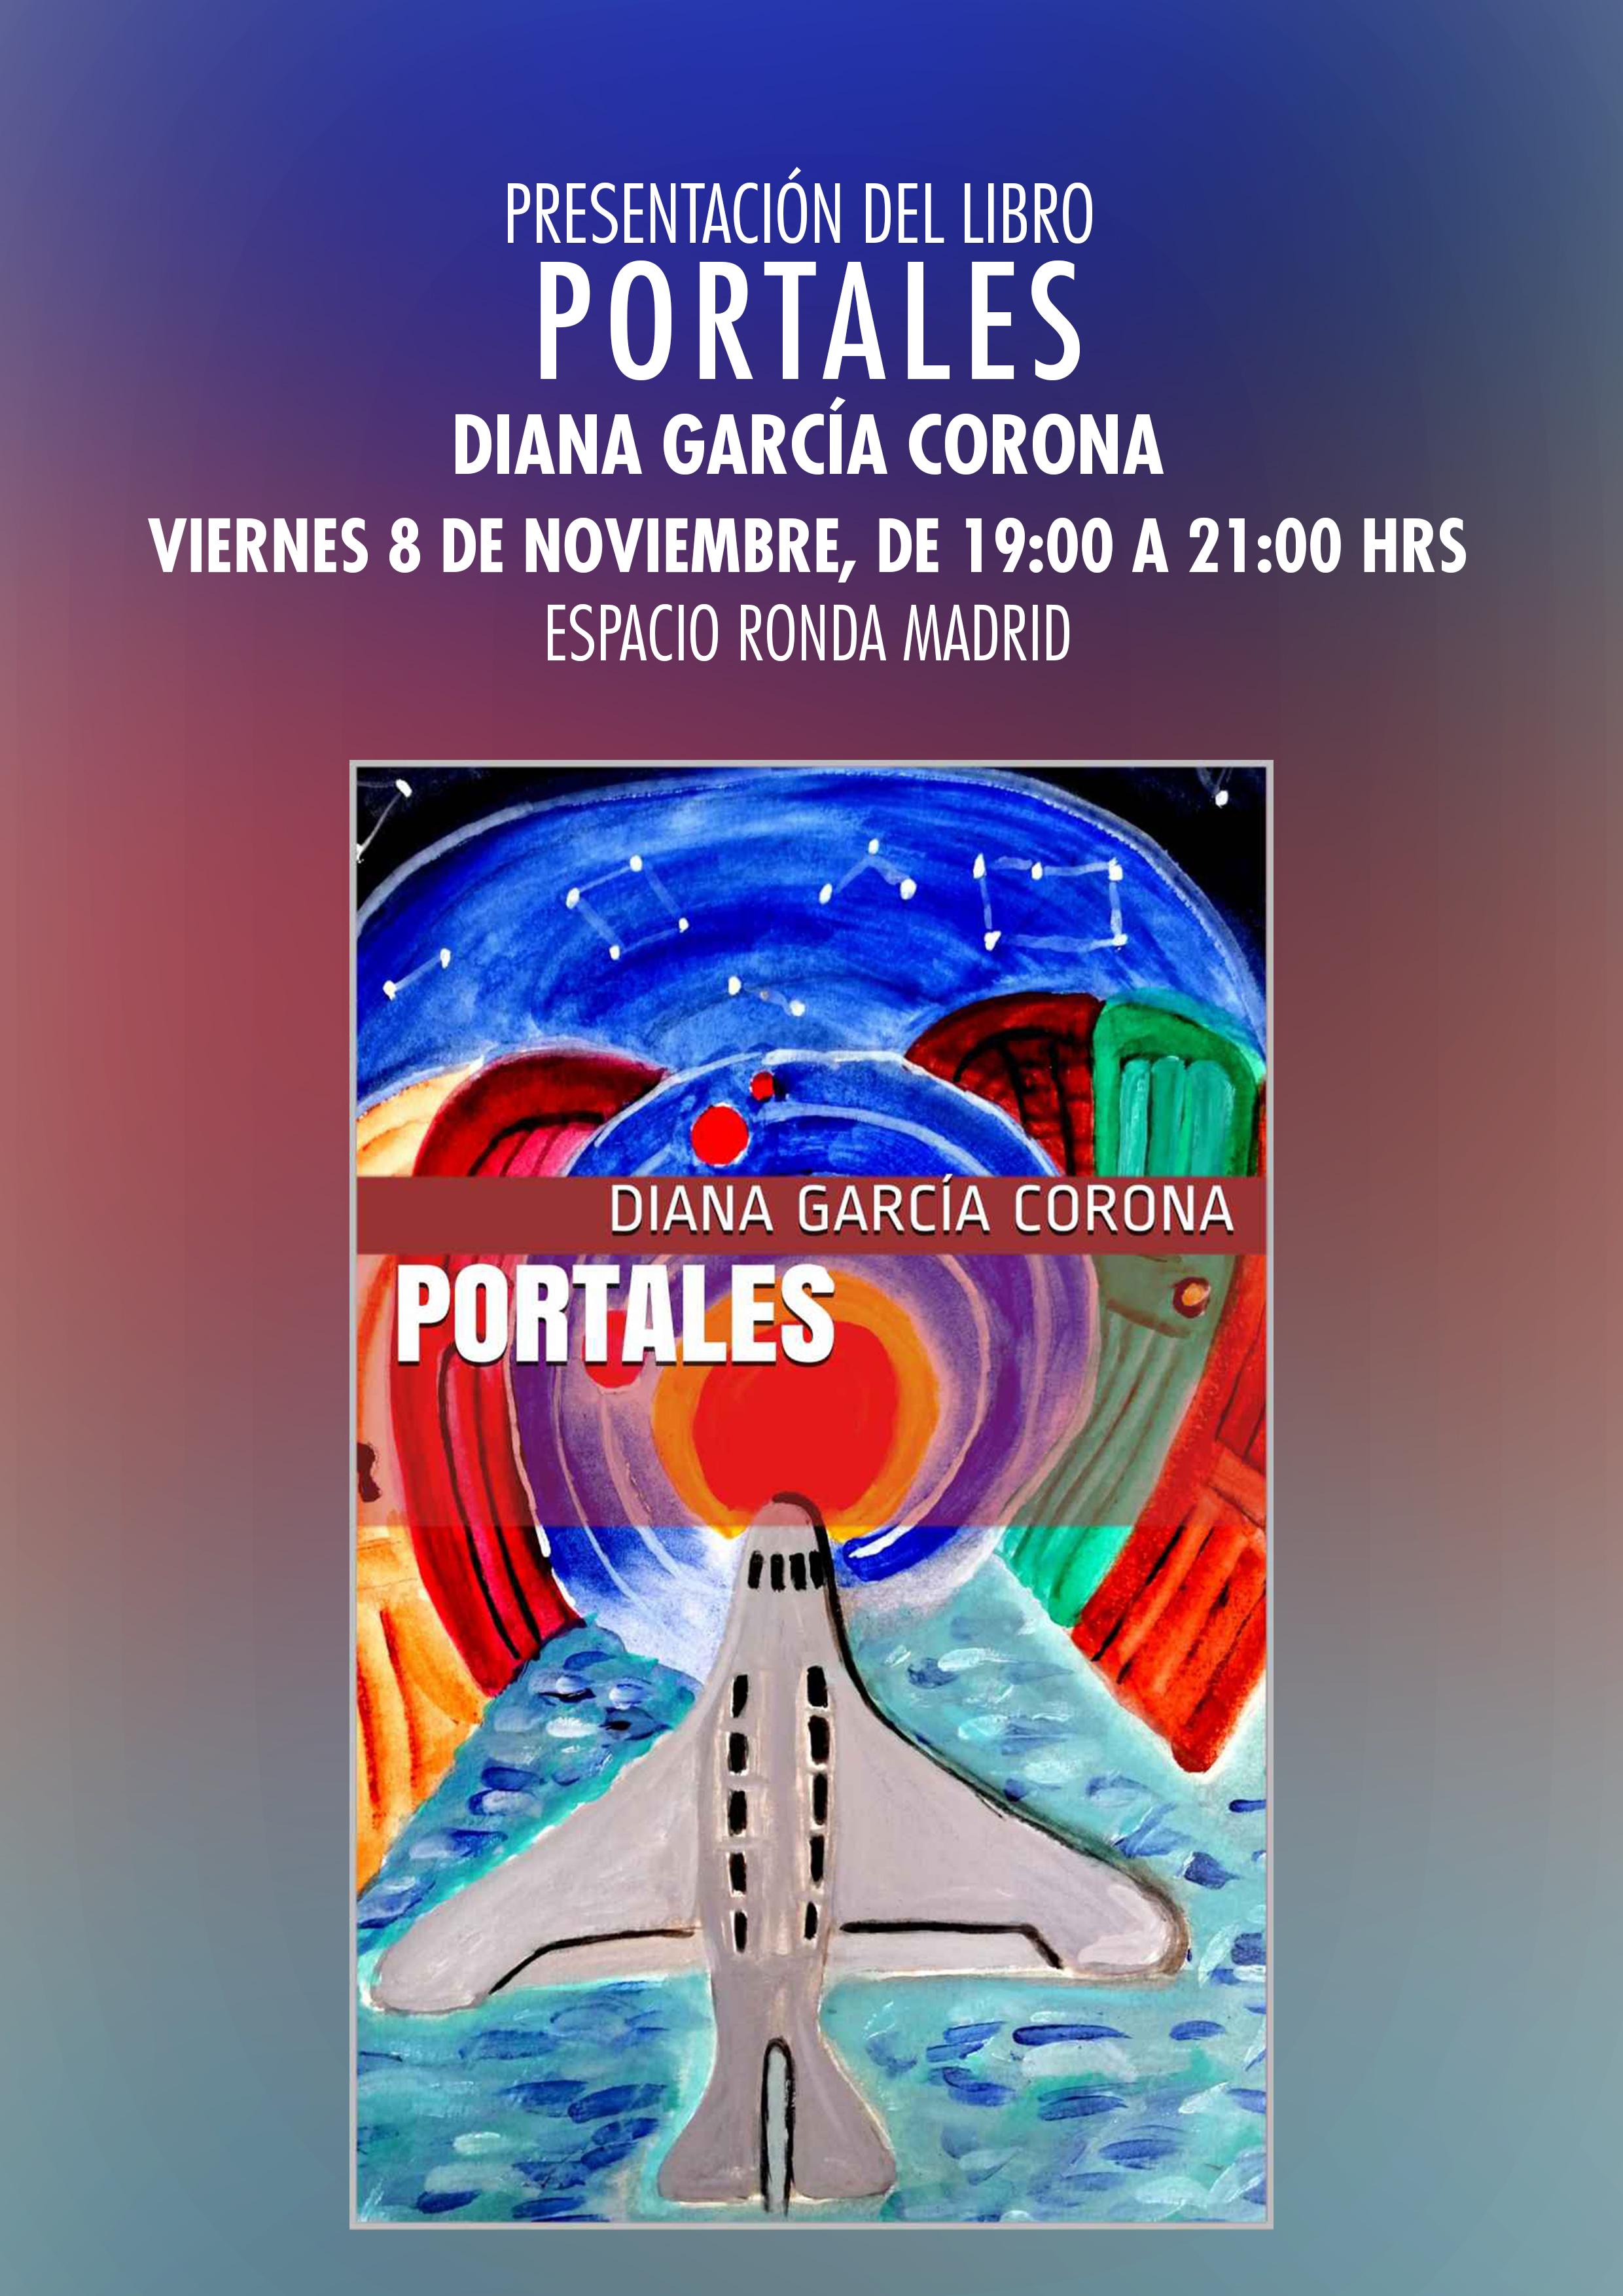 """Presentación del libro """"Portales"""" con Diana García Corona"""